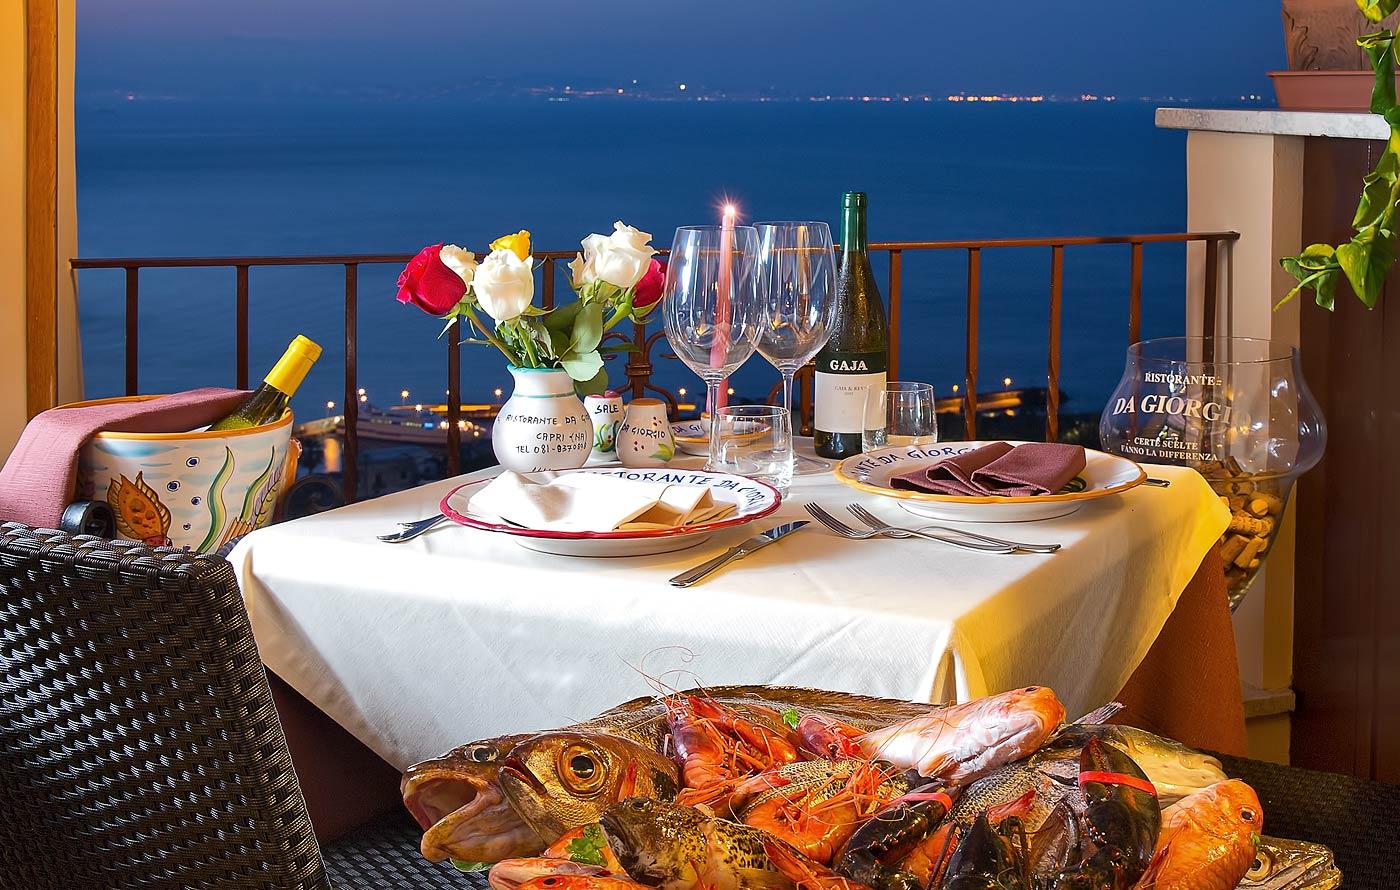 Ristorante da Giorgio - Capri: fish and seafood just steps from the ...